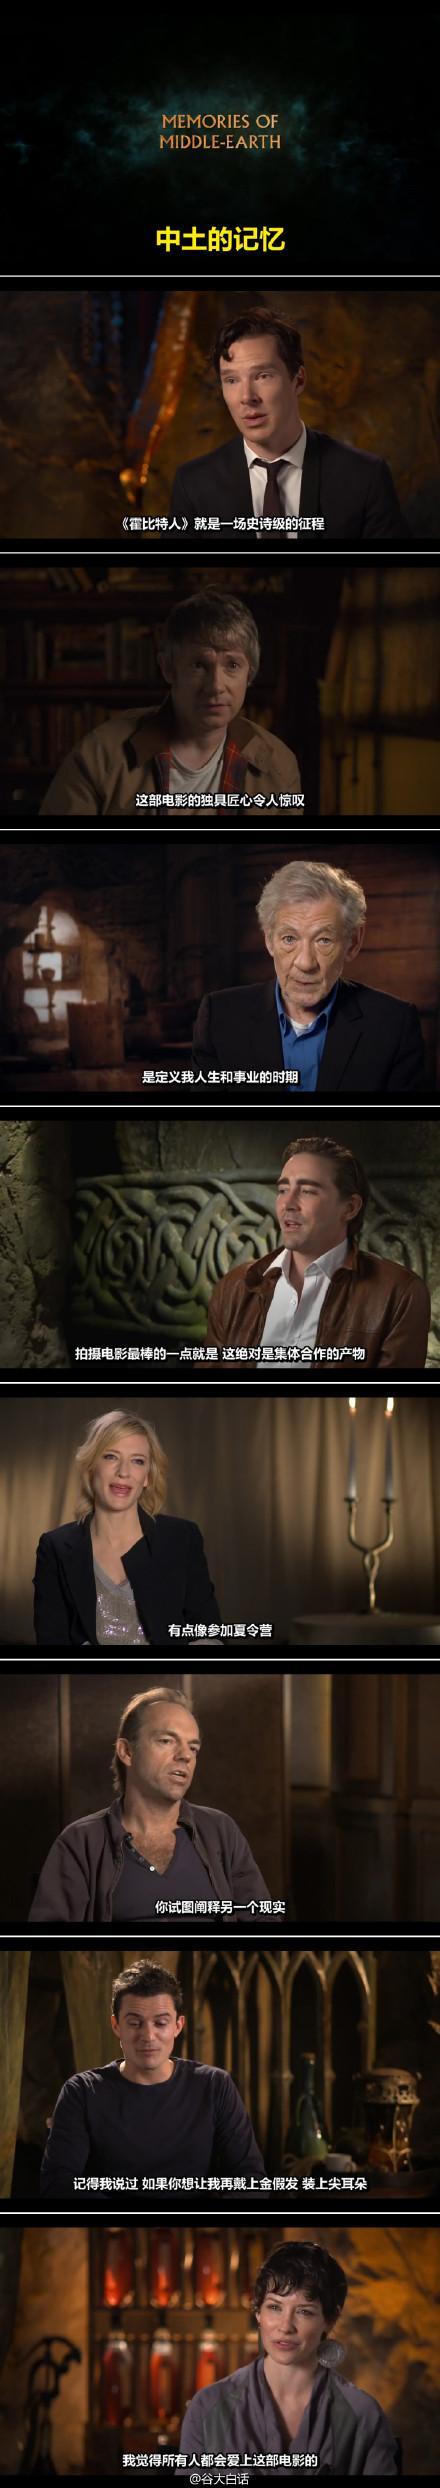 《霍比特人3:五军之战》 【中土的记忆】主要演员回忆参演